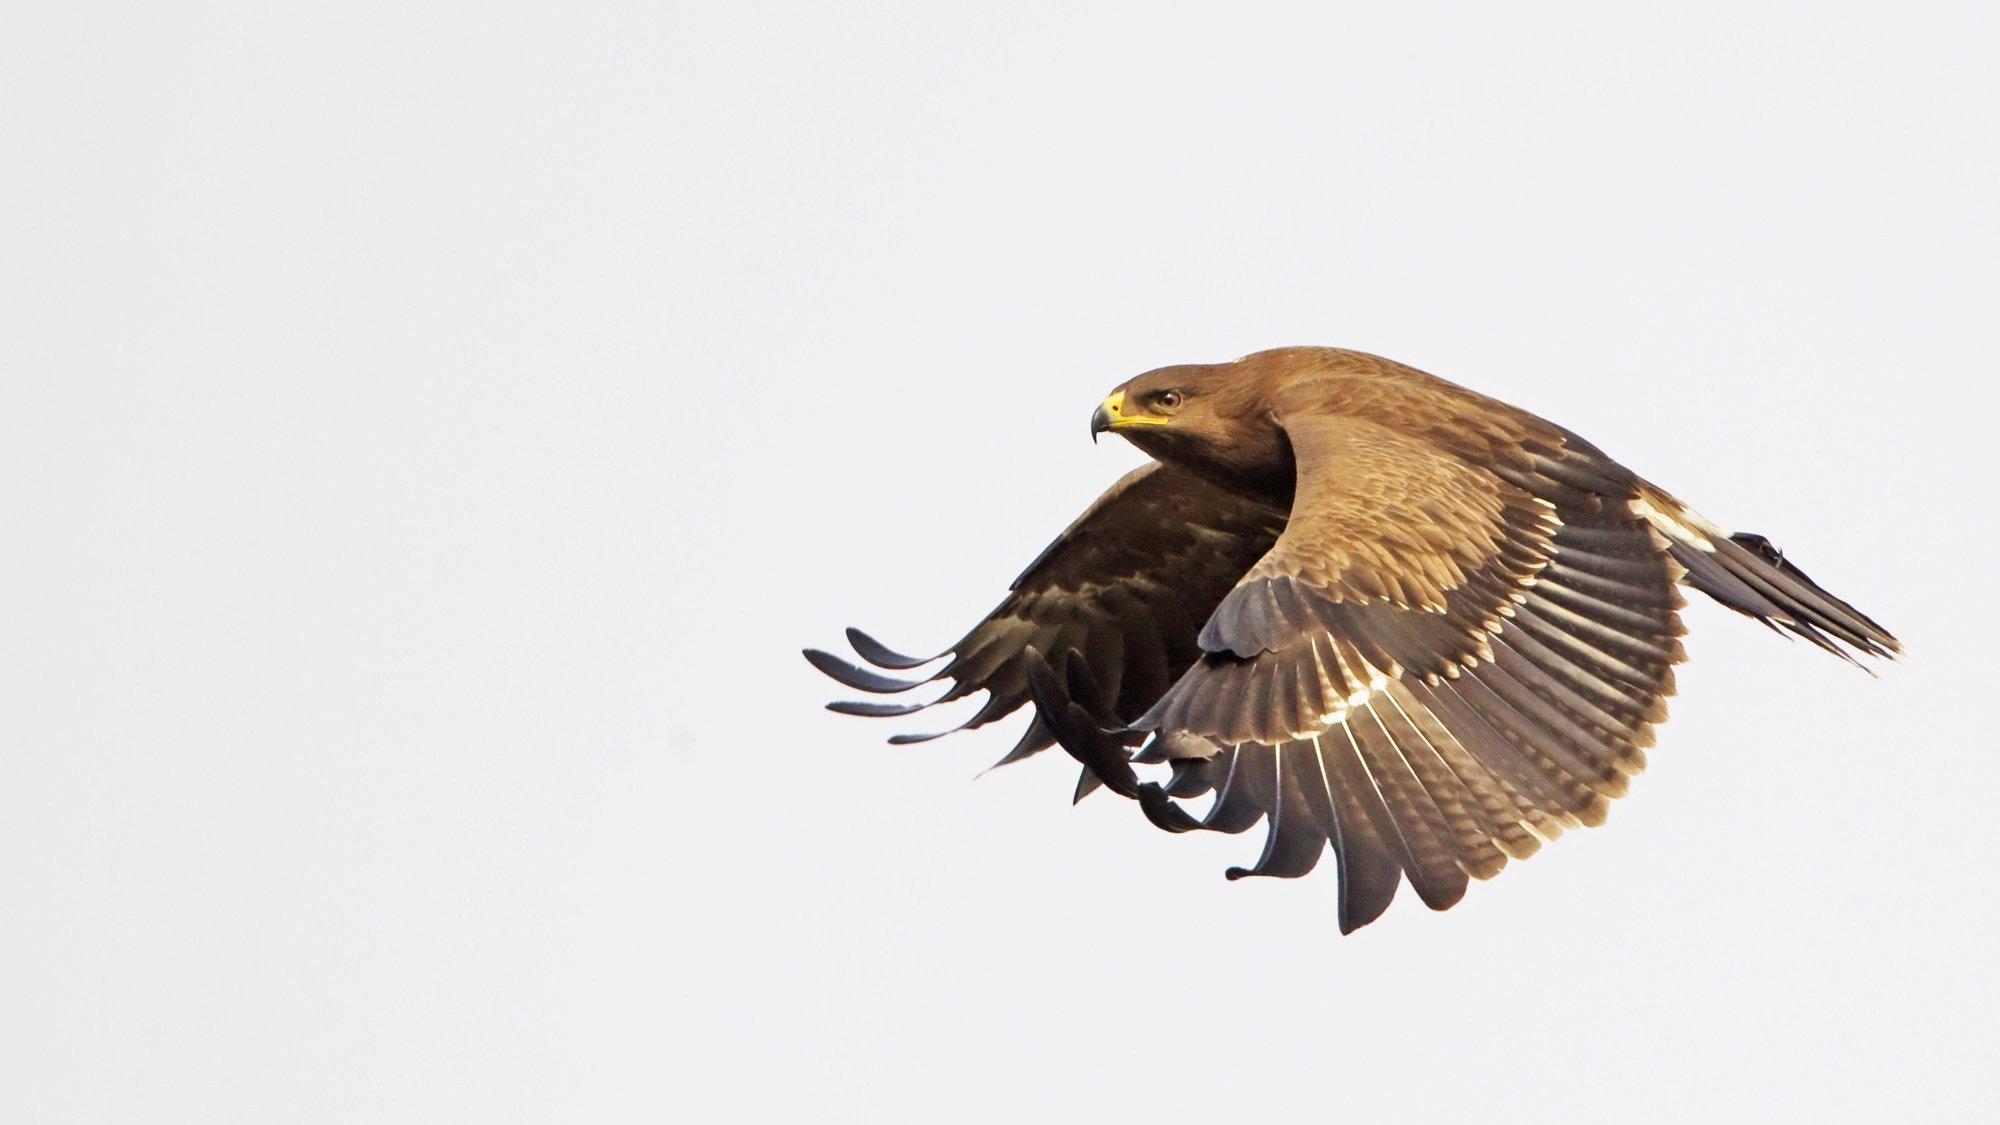 Ein fliegender junger Schreiadler